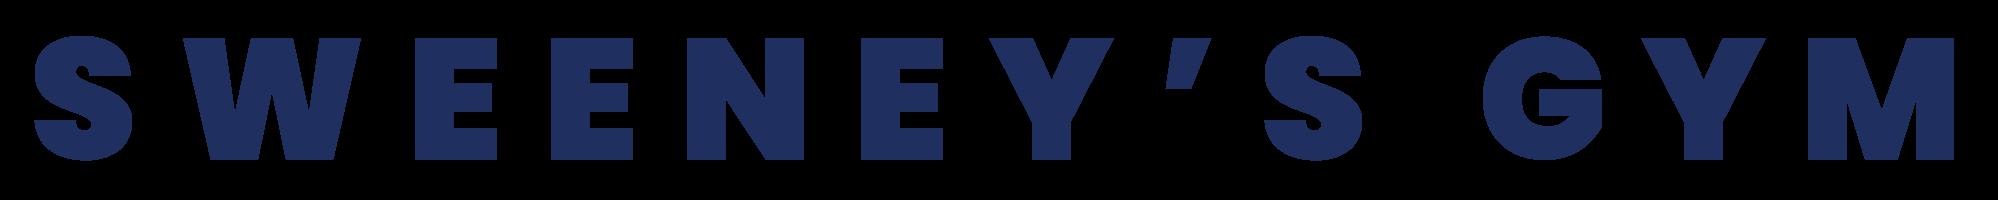 Sweeney's Gym Logo